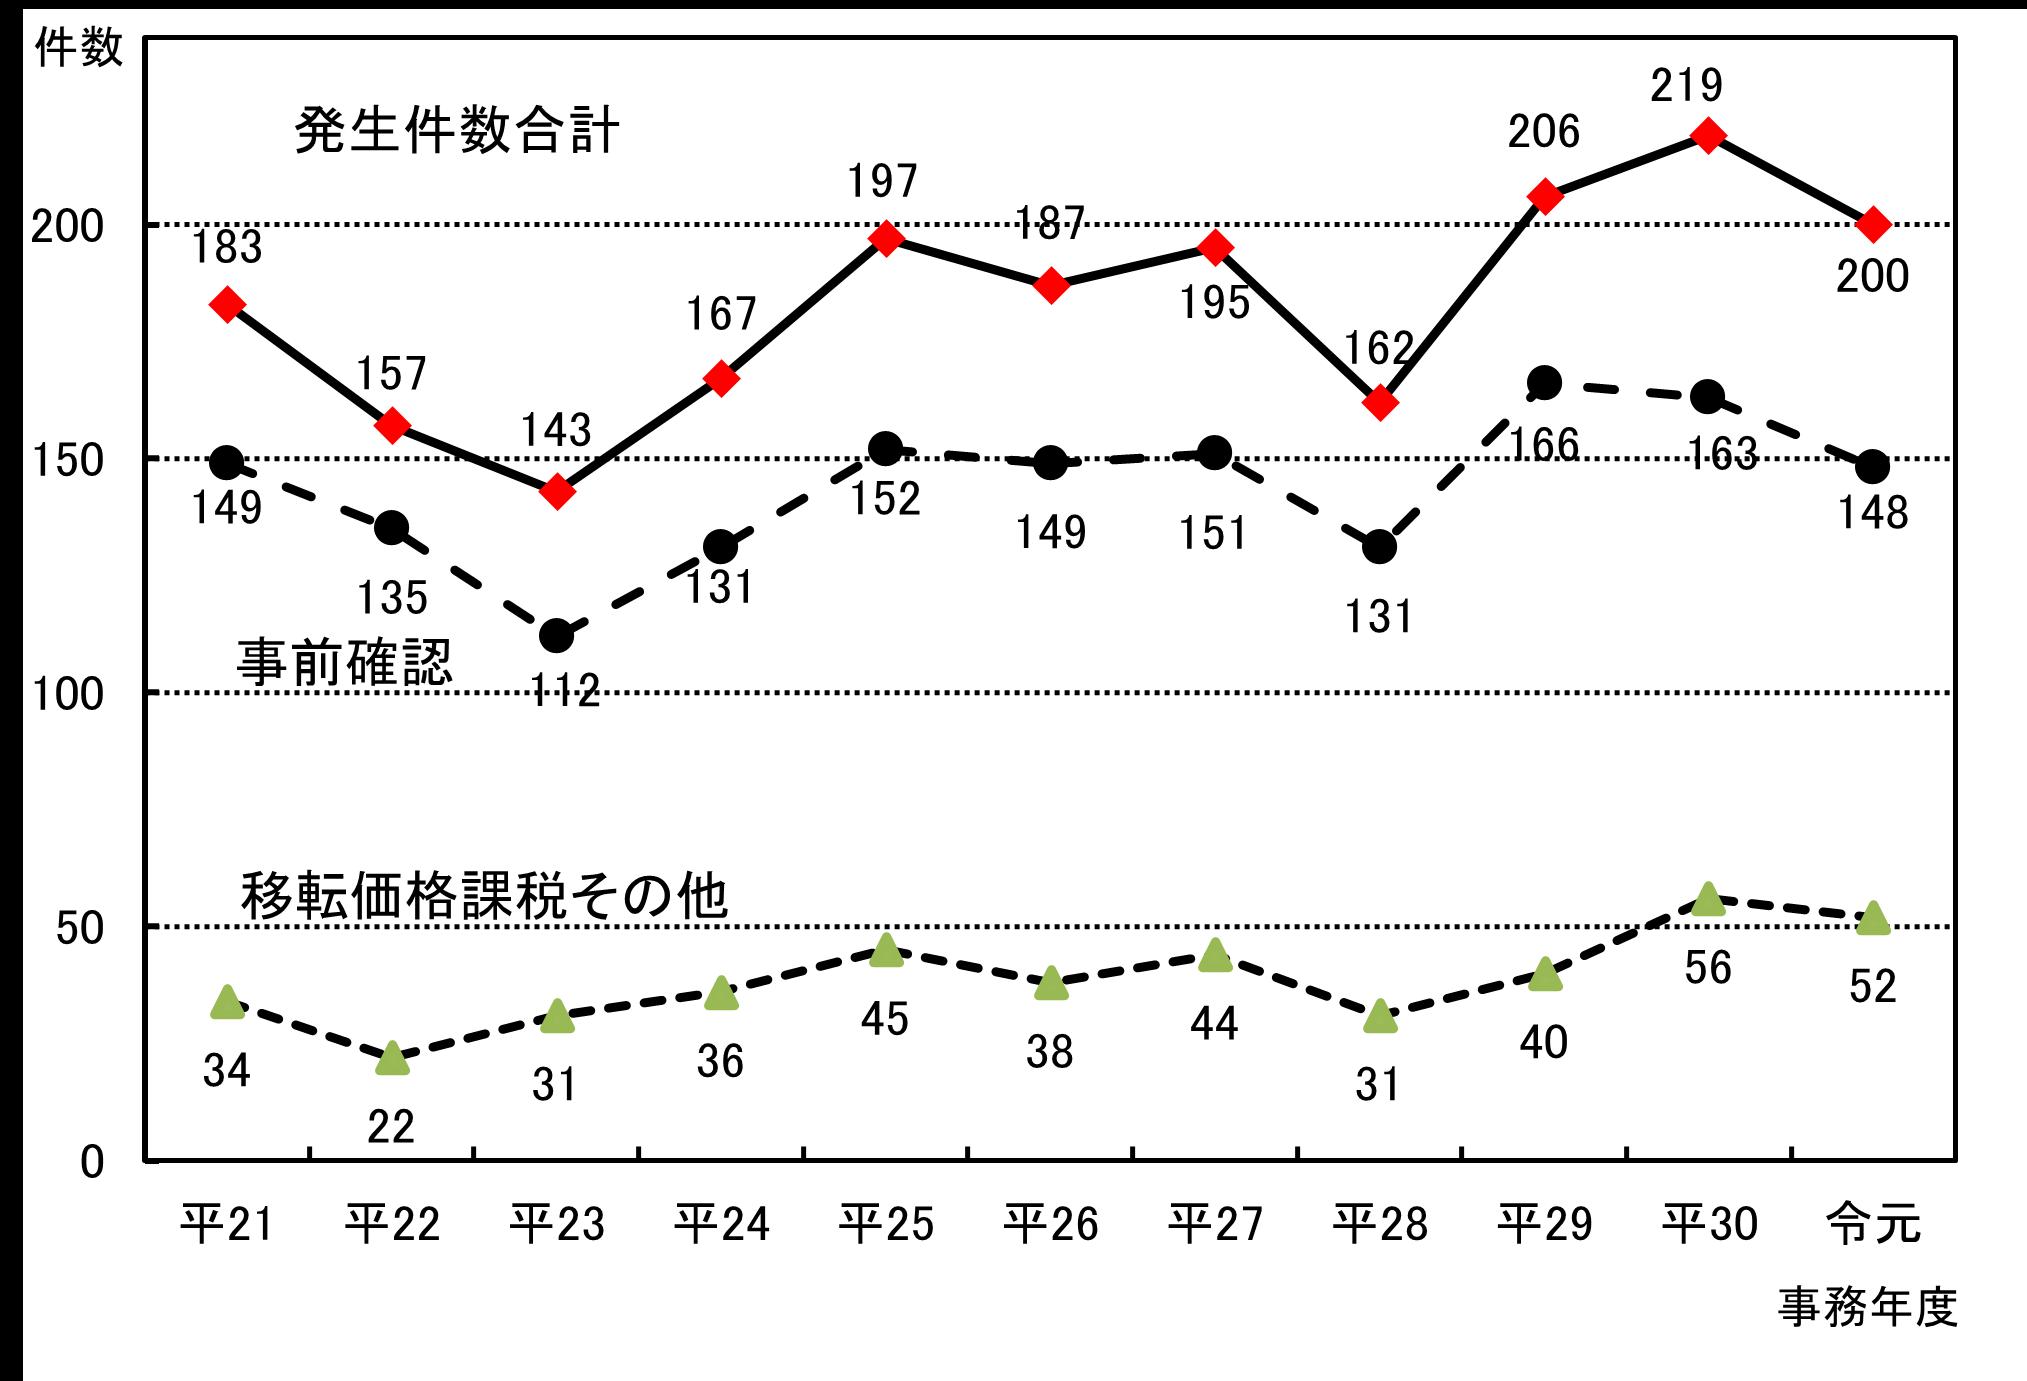 相互協議事案の発生件数グラフ